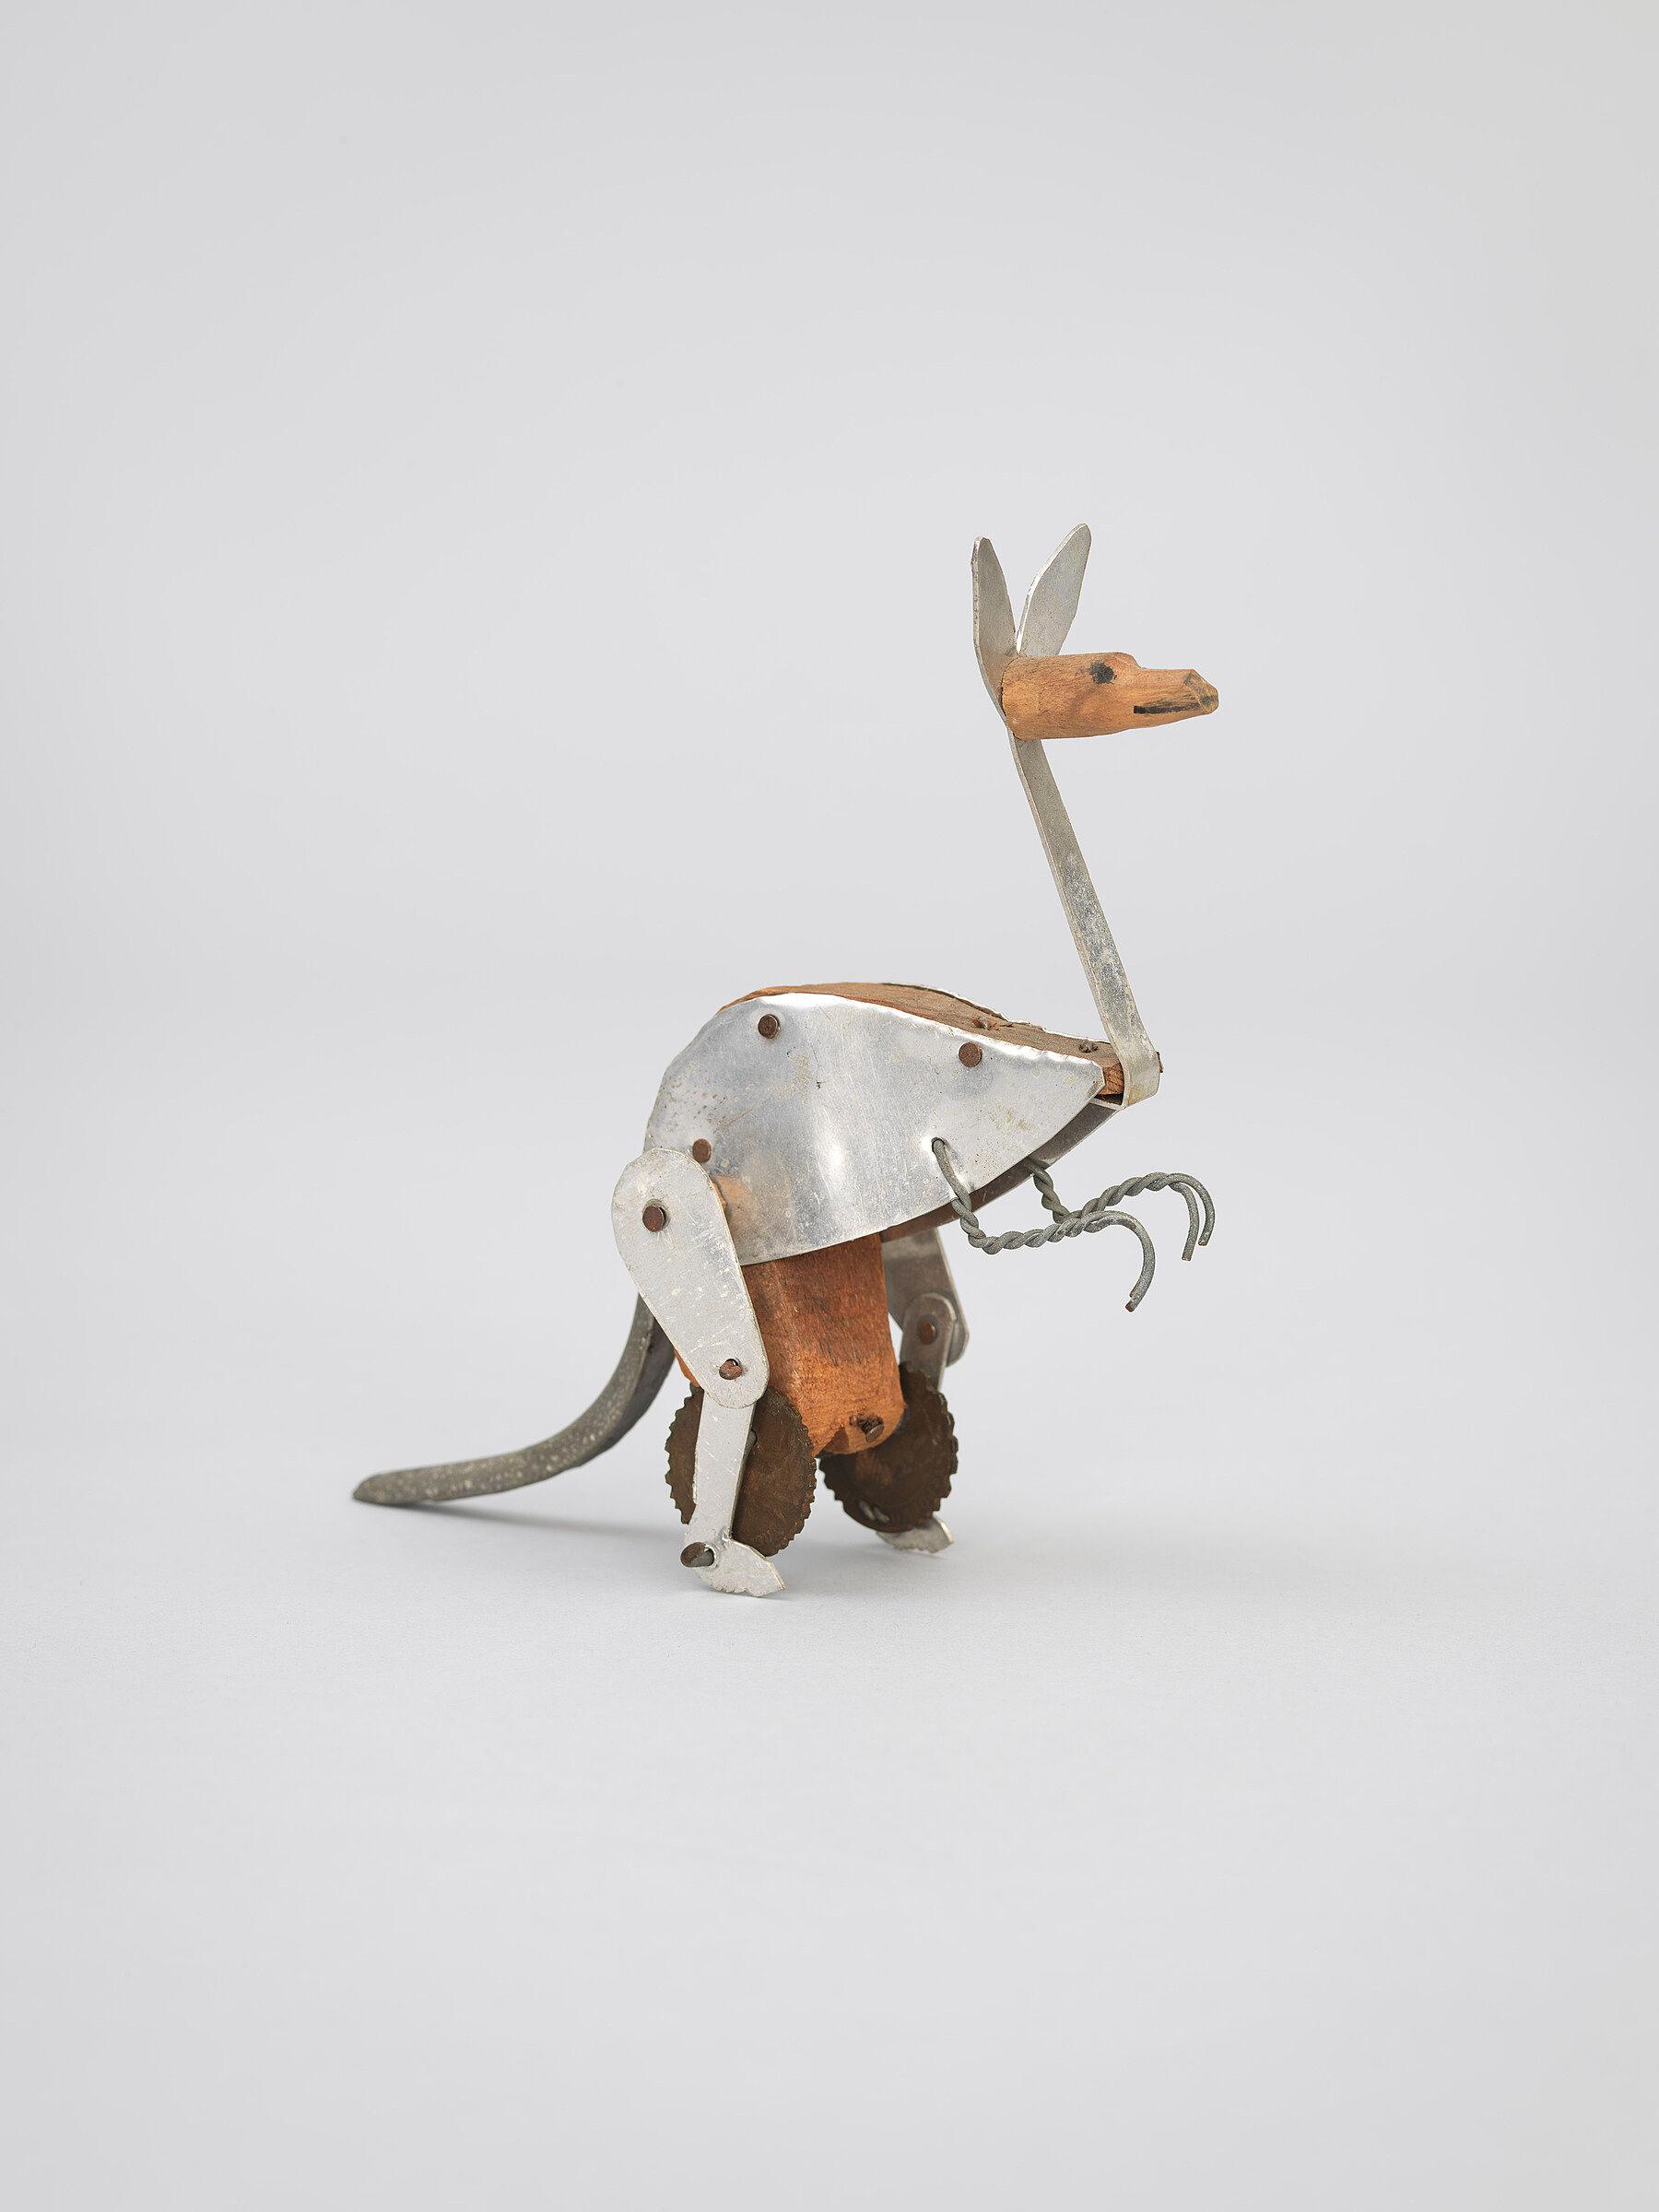 Kangaroo sculpture by Alexander Calder.